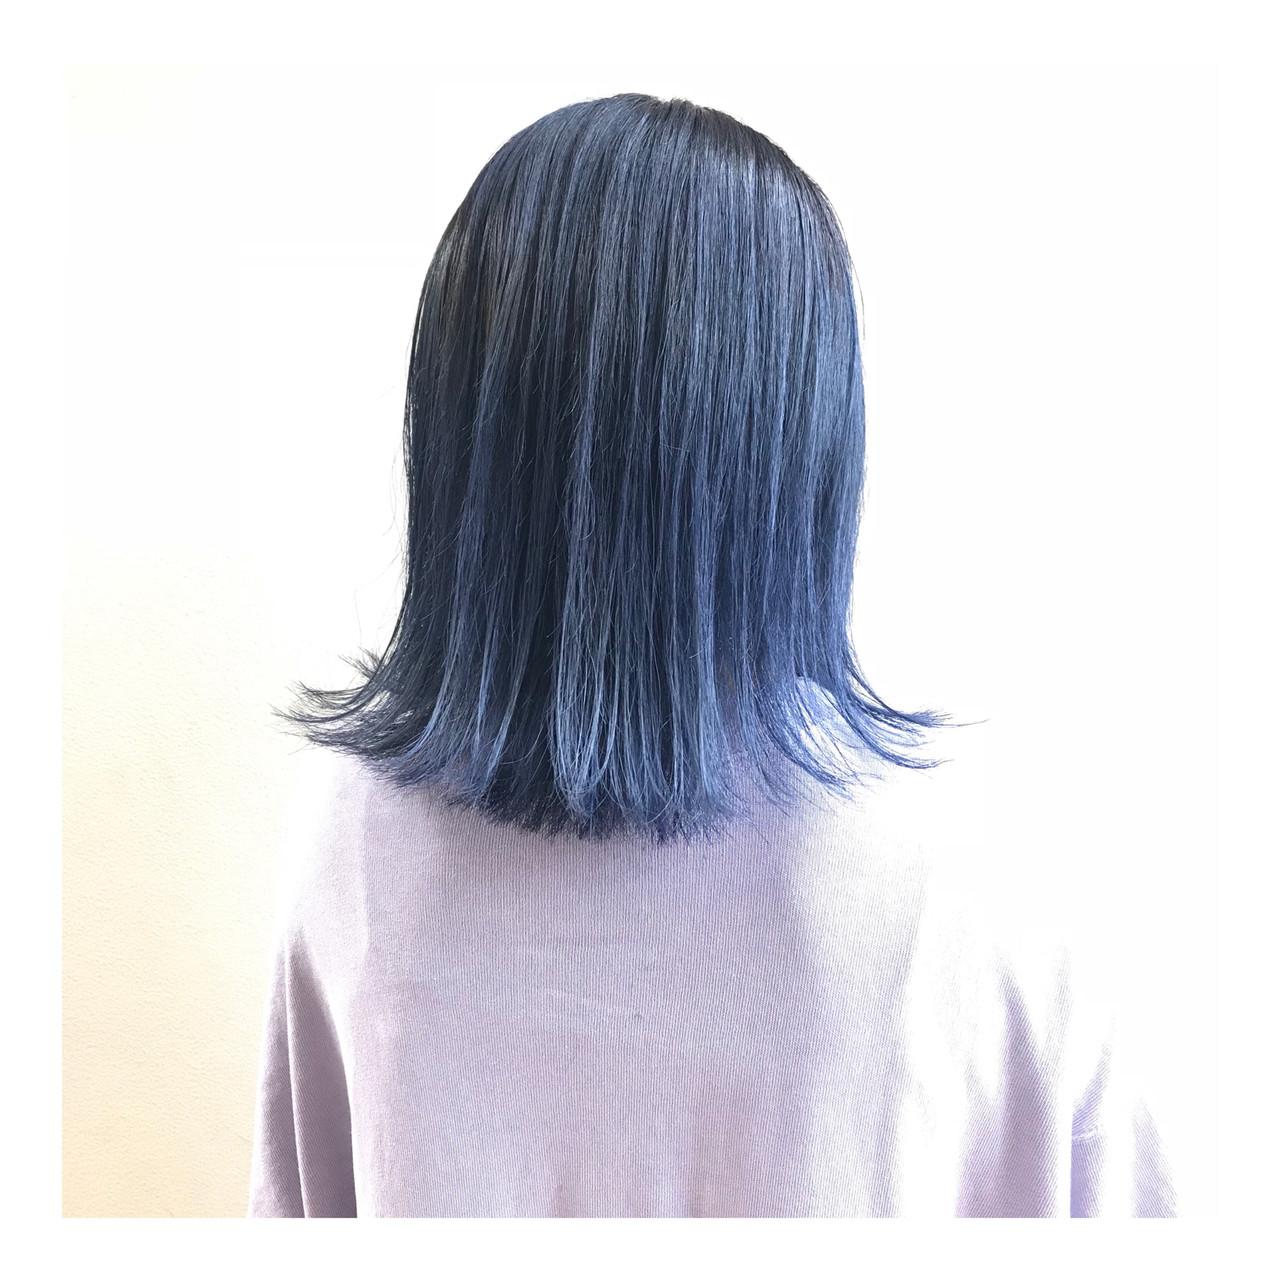 ブルー ストリート ボブ ネイビーヘアスタイルや髪型の写真・画像